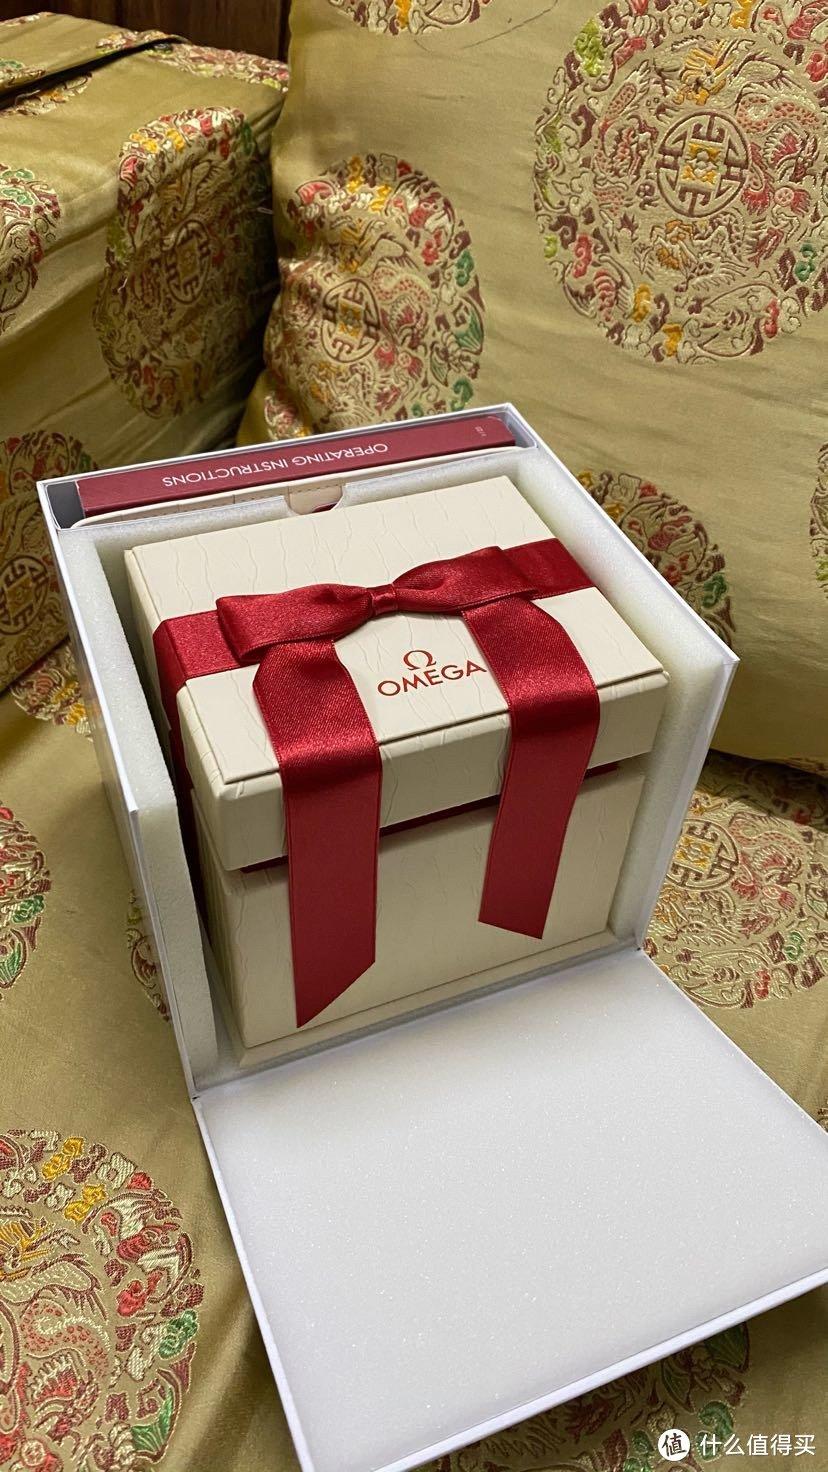 包装盒漂亮。